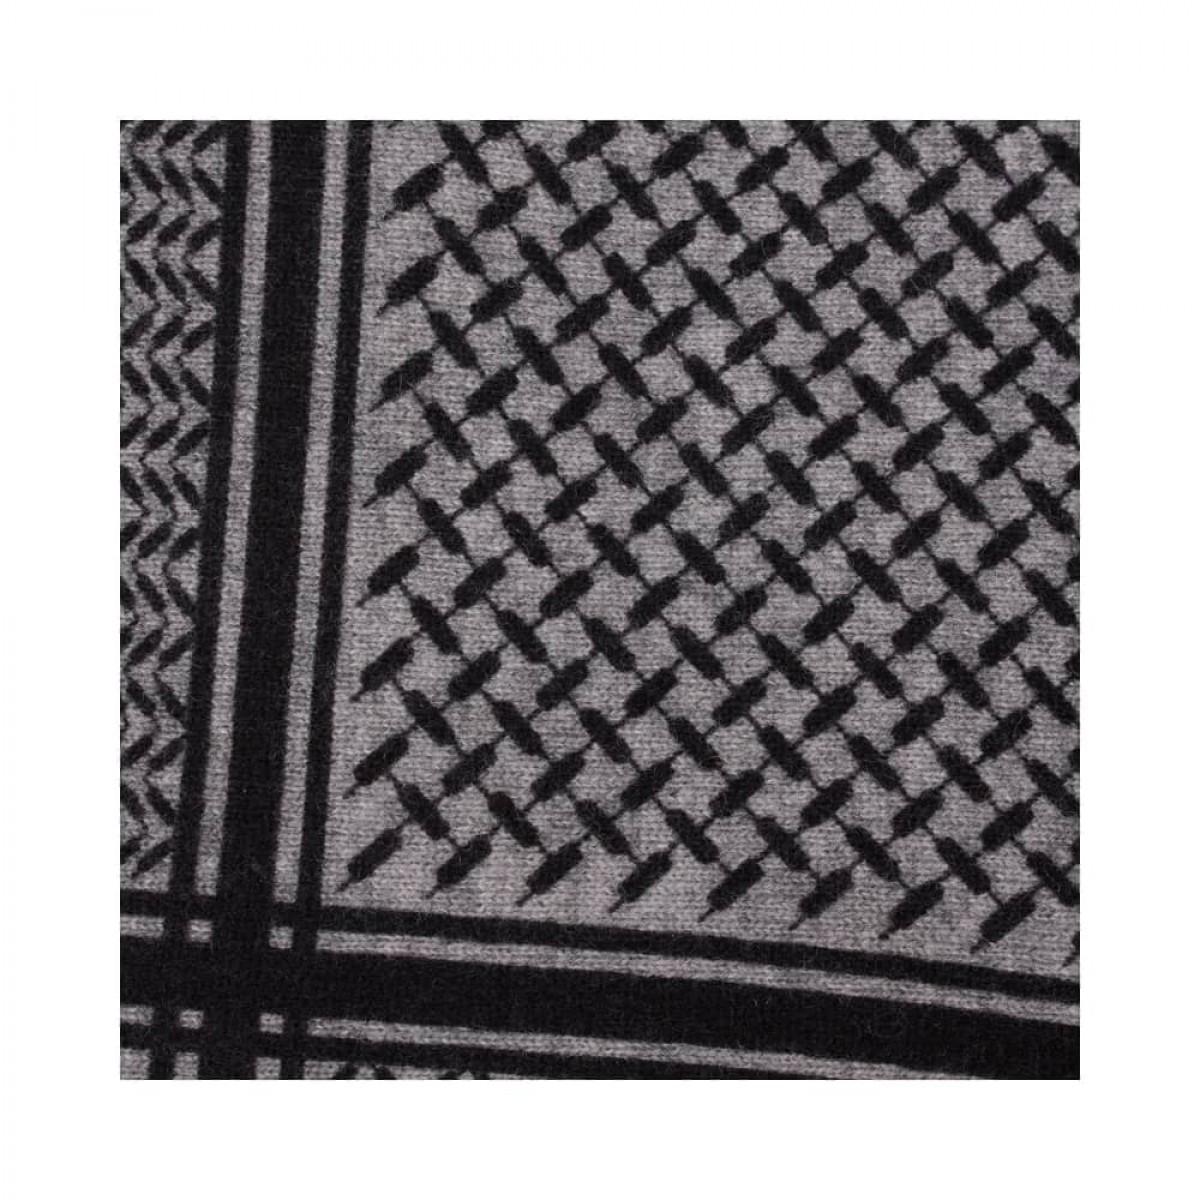 triangle trinity classic xs - city middlegrey melange - print